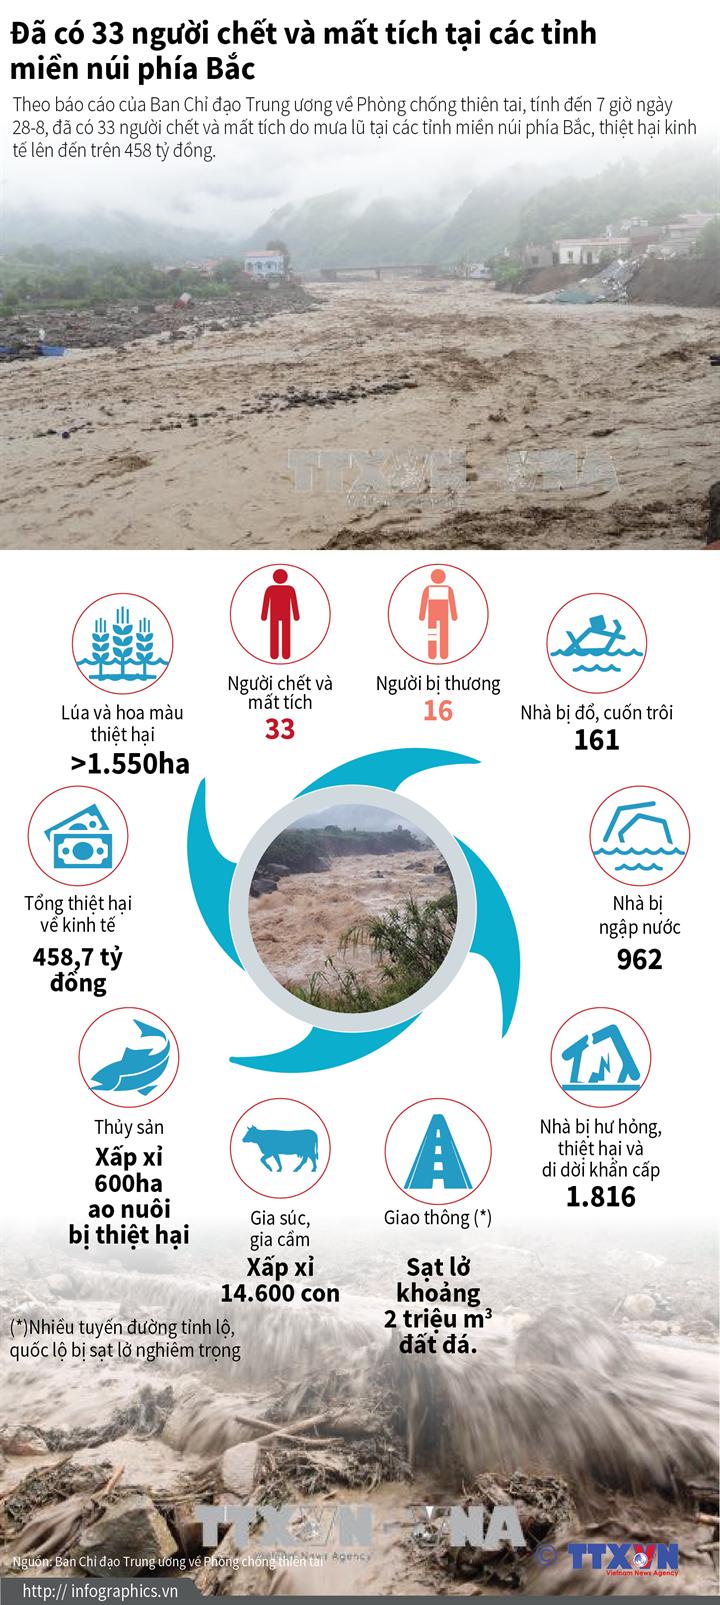 Đã có 33 người chết và mất tích tại các tỉnh miền núi phía Bắc